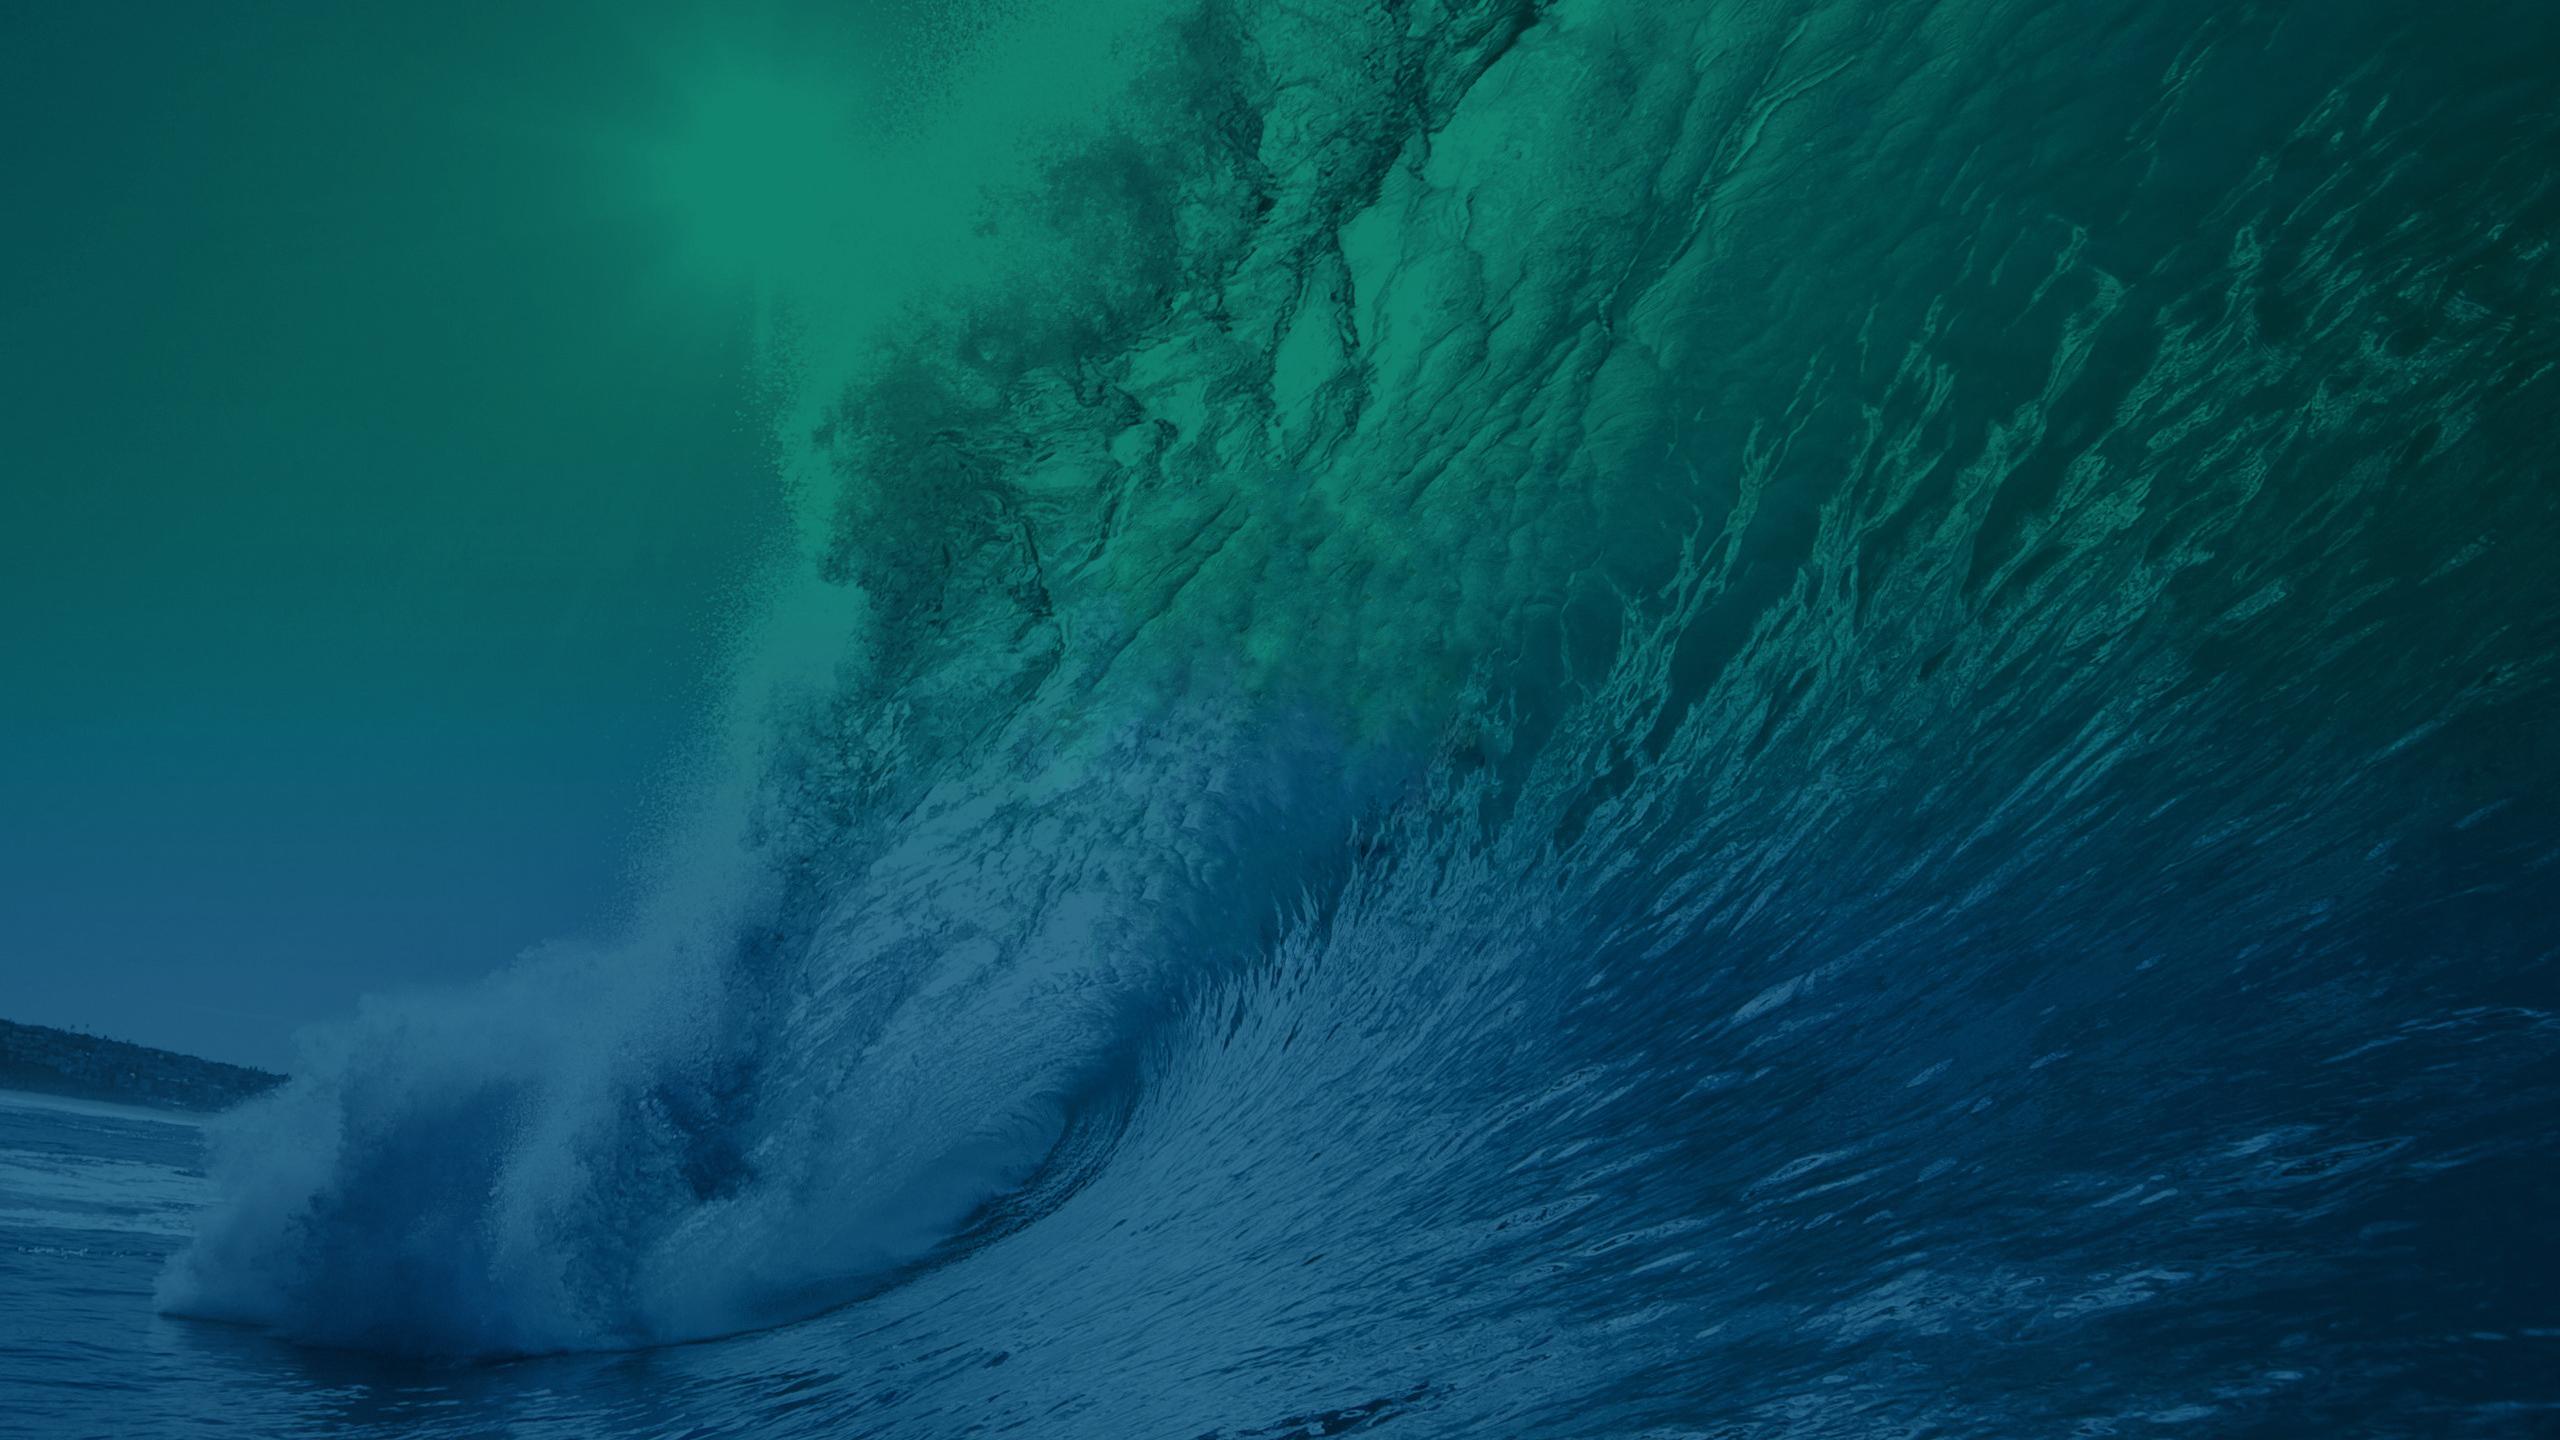 maverick wave